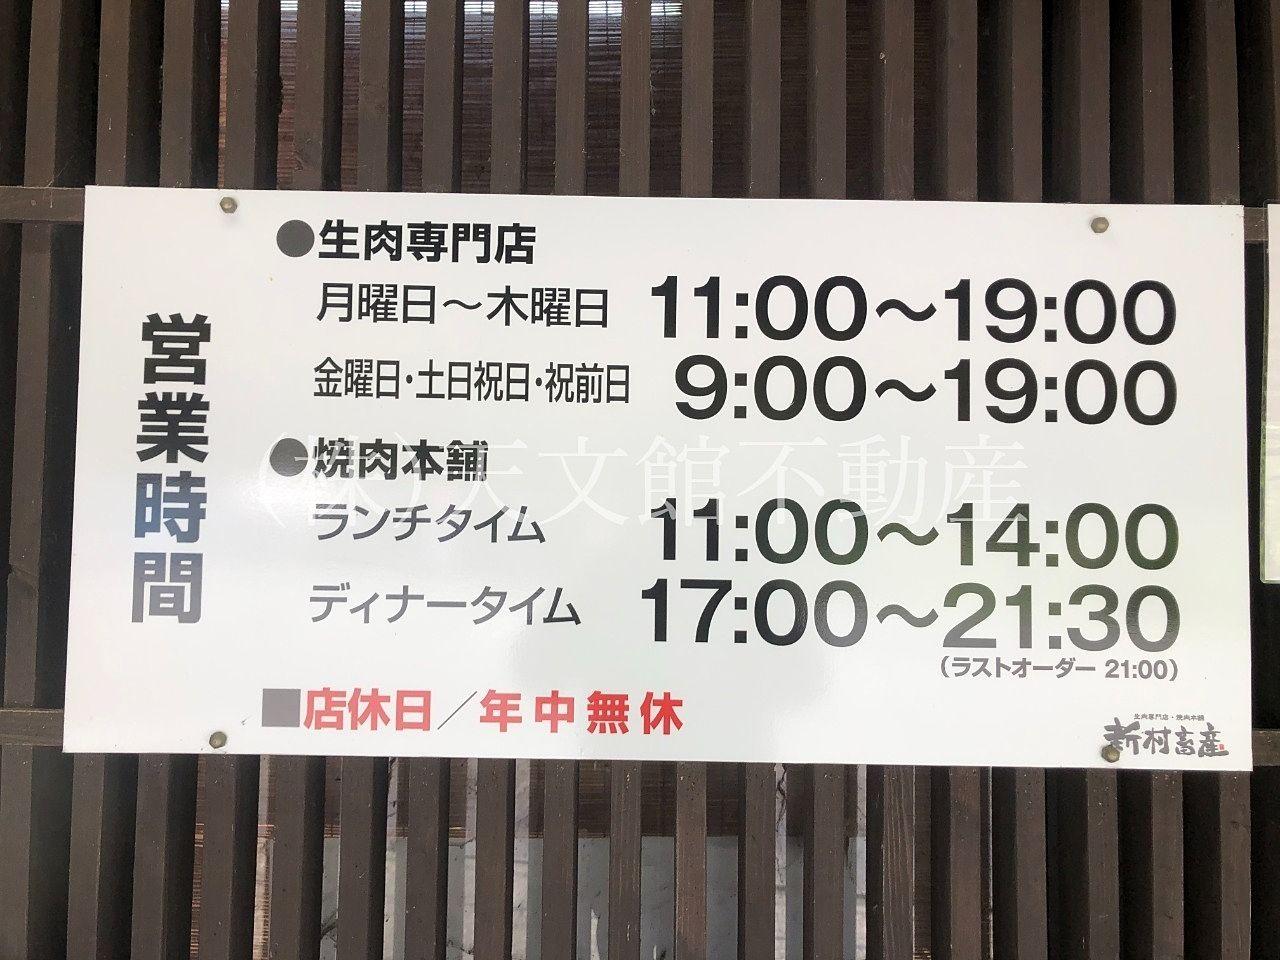 鹿児島県肝属郡の新村畜産は焼肉好きにおすすめなランチスポットです。営業時間はランチタイムとディナータイムがあります。